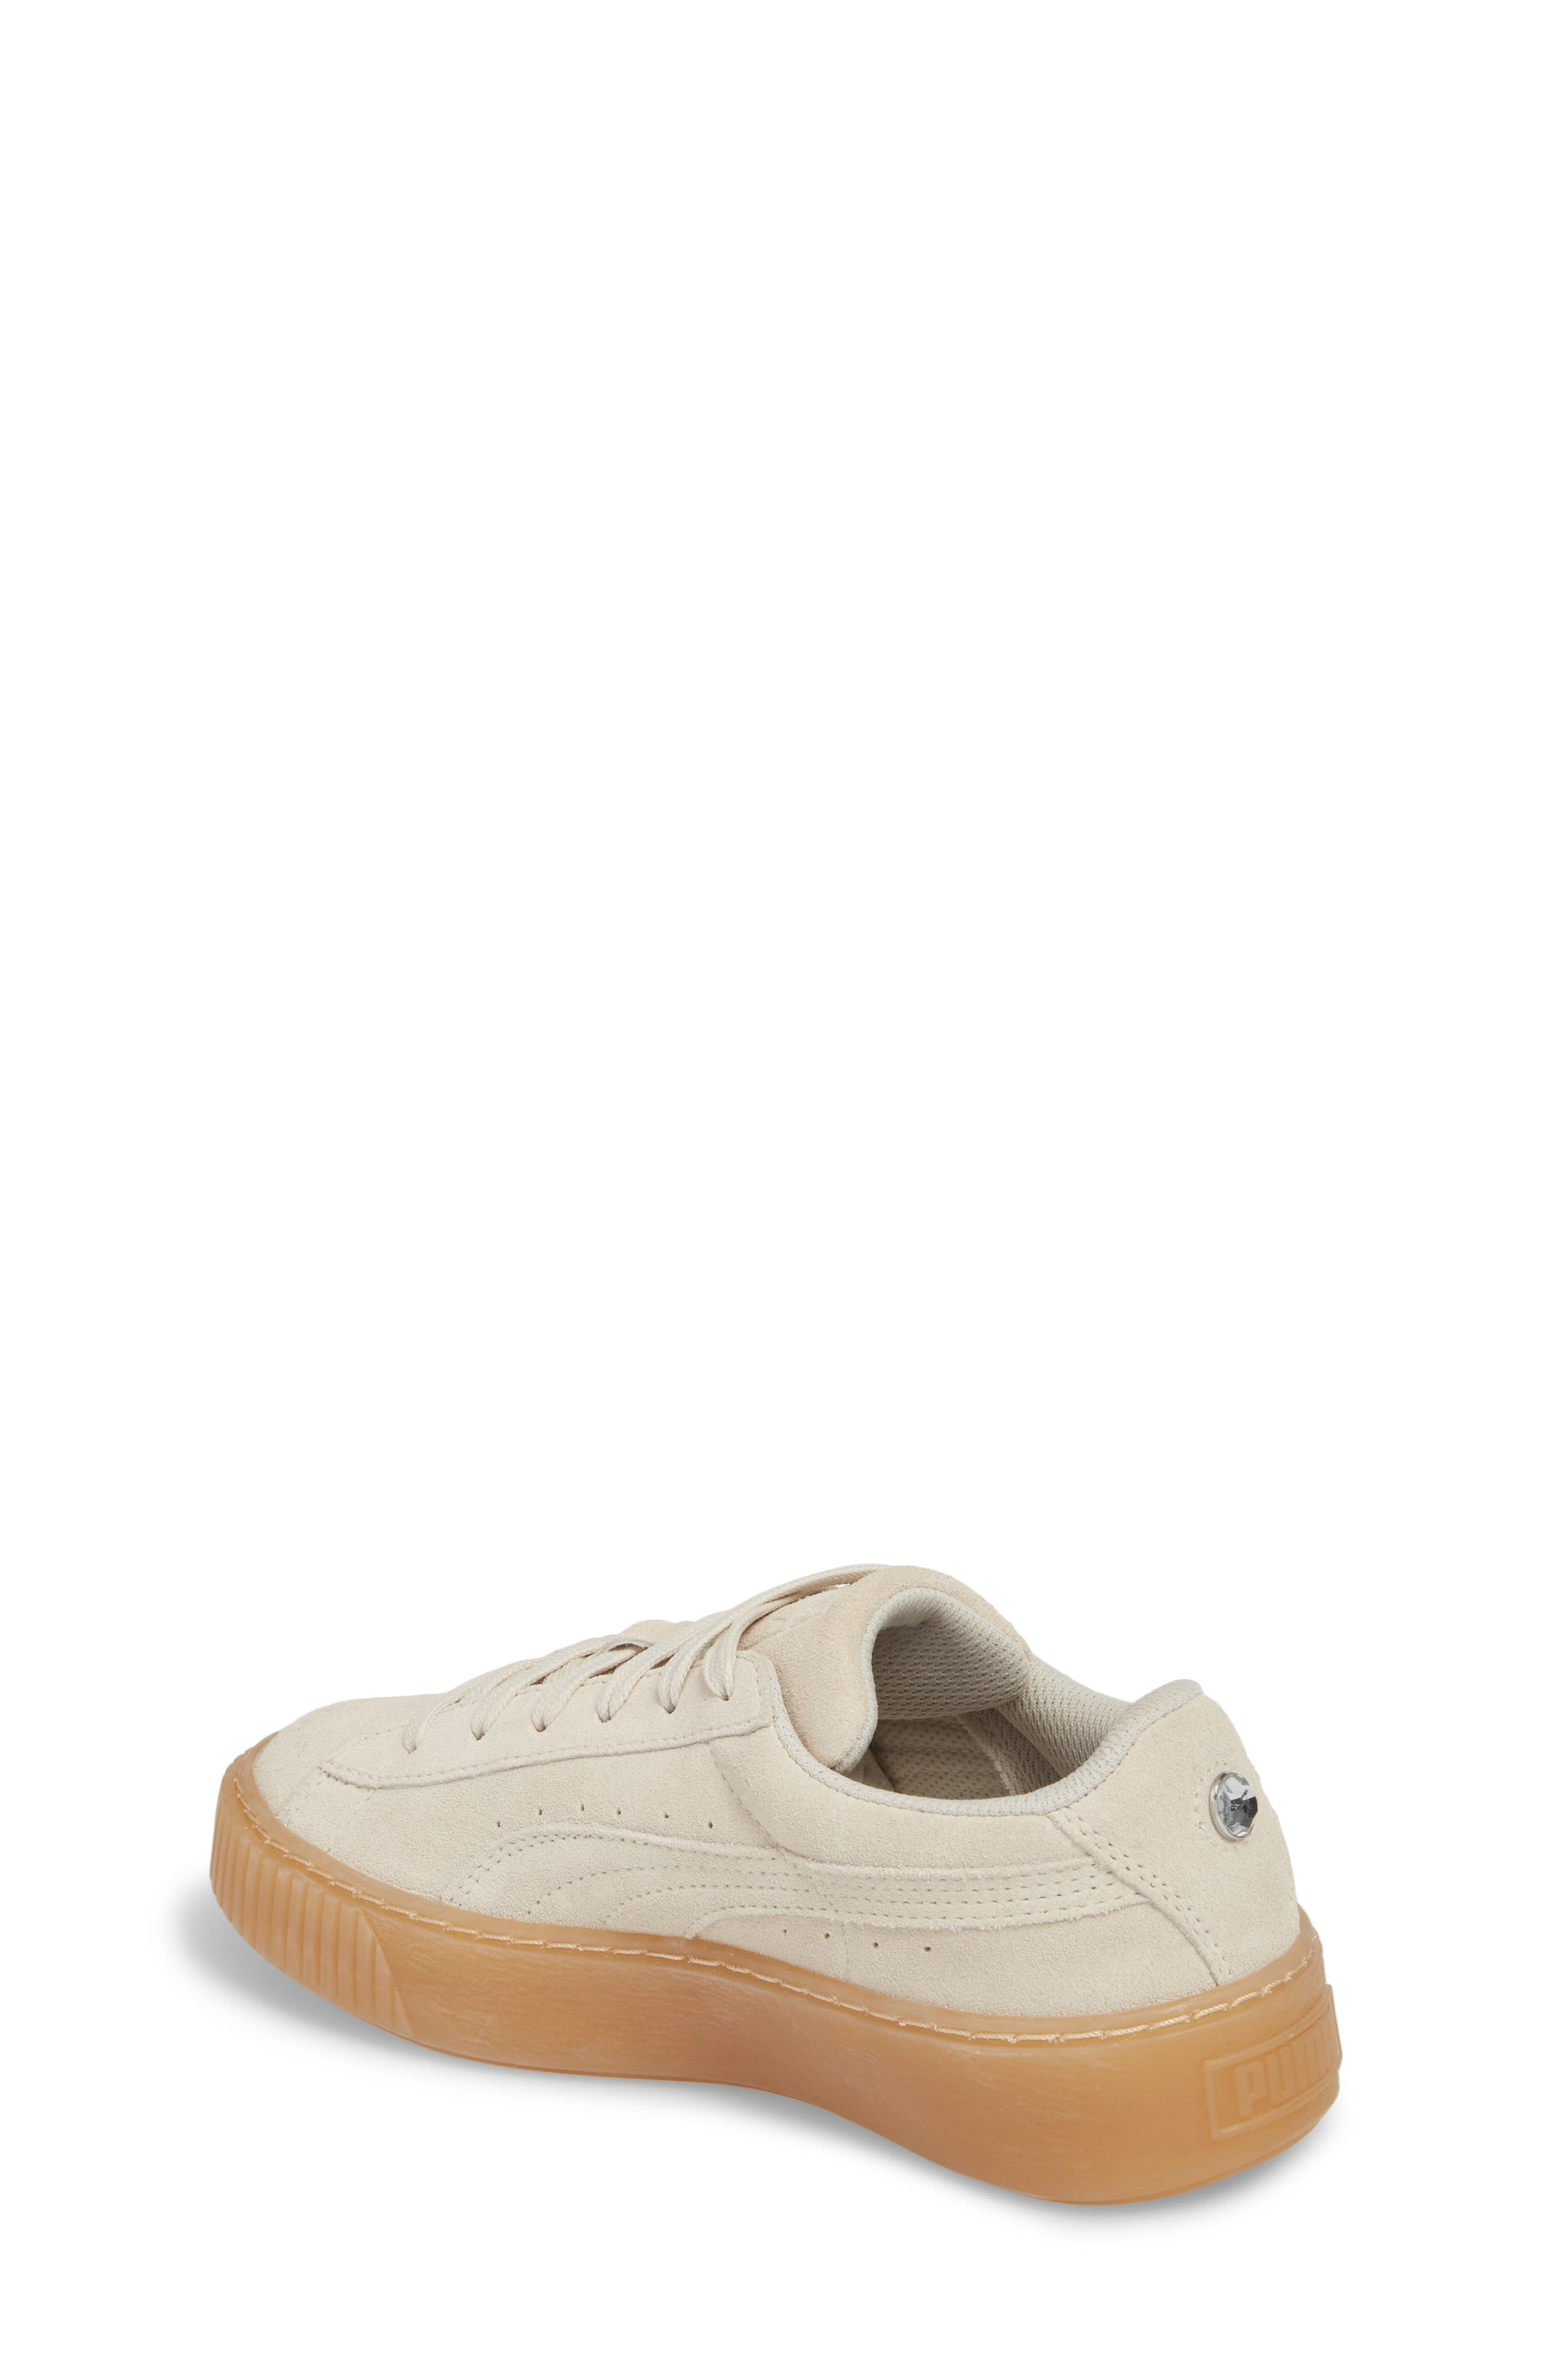 Jewel Suede Platform Sneaker,                             Alternate thumbnail 2, color,                             Whisper White/ Whisper White